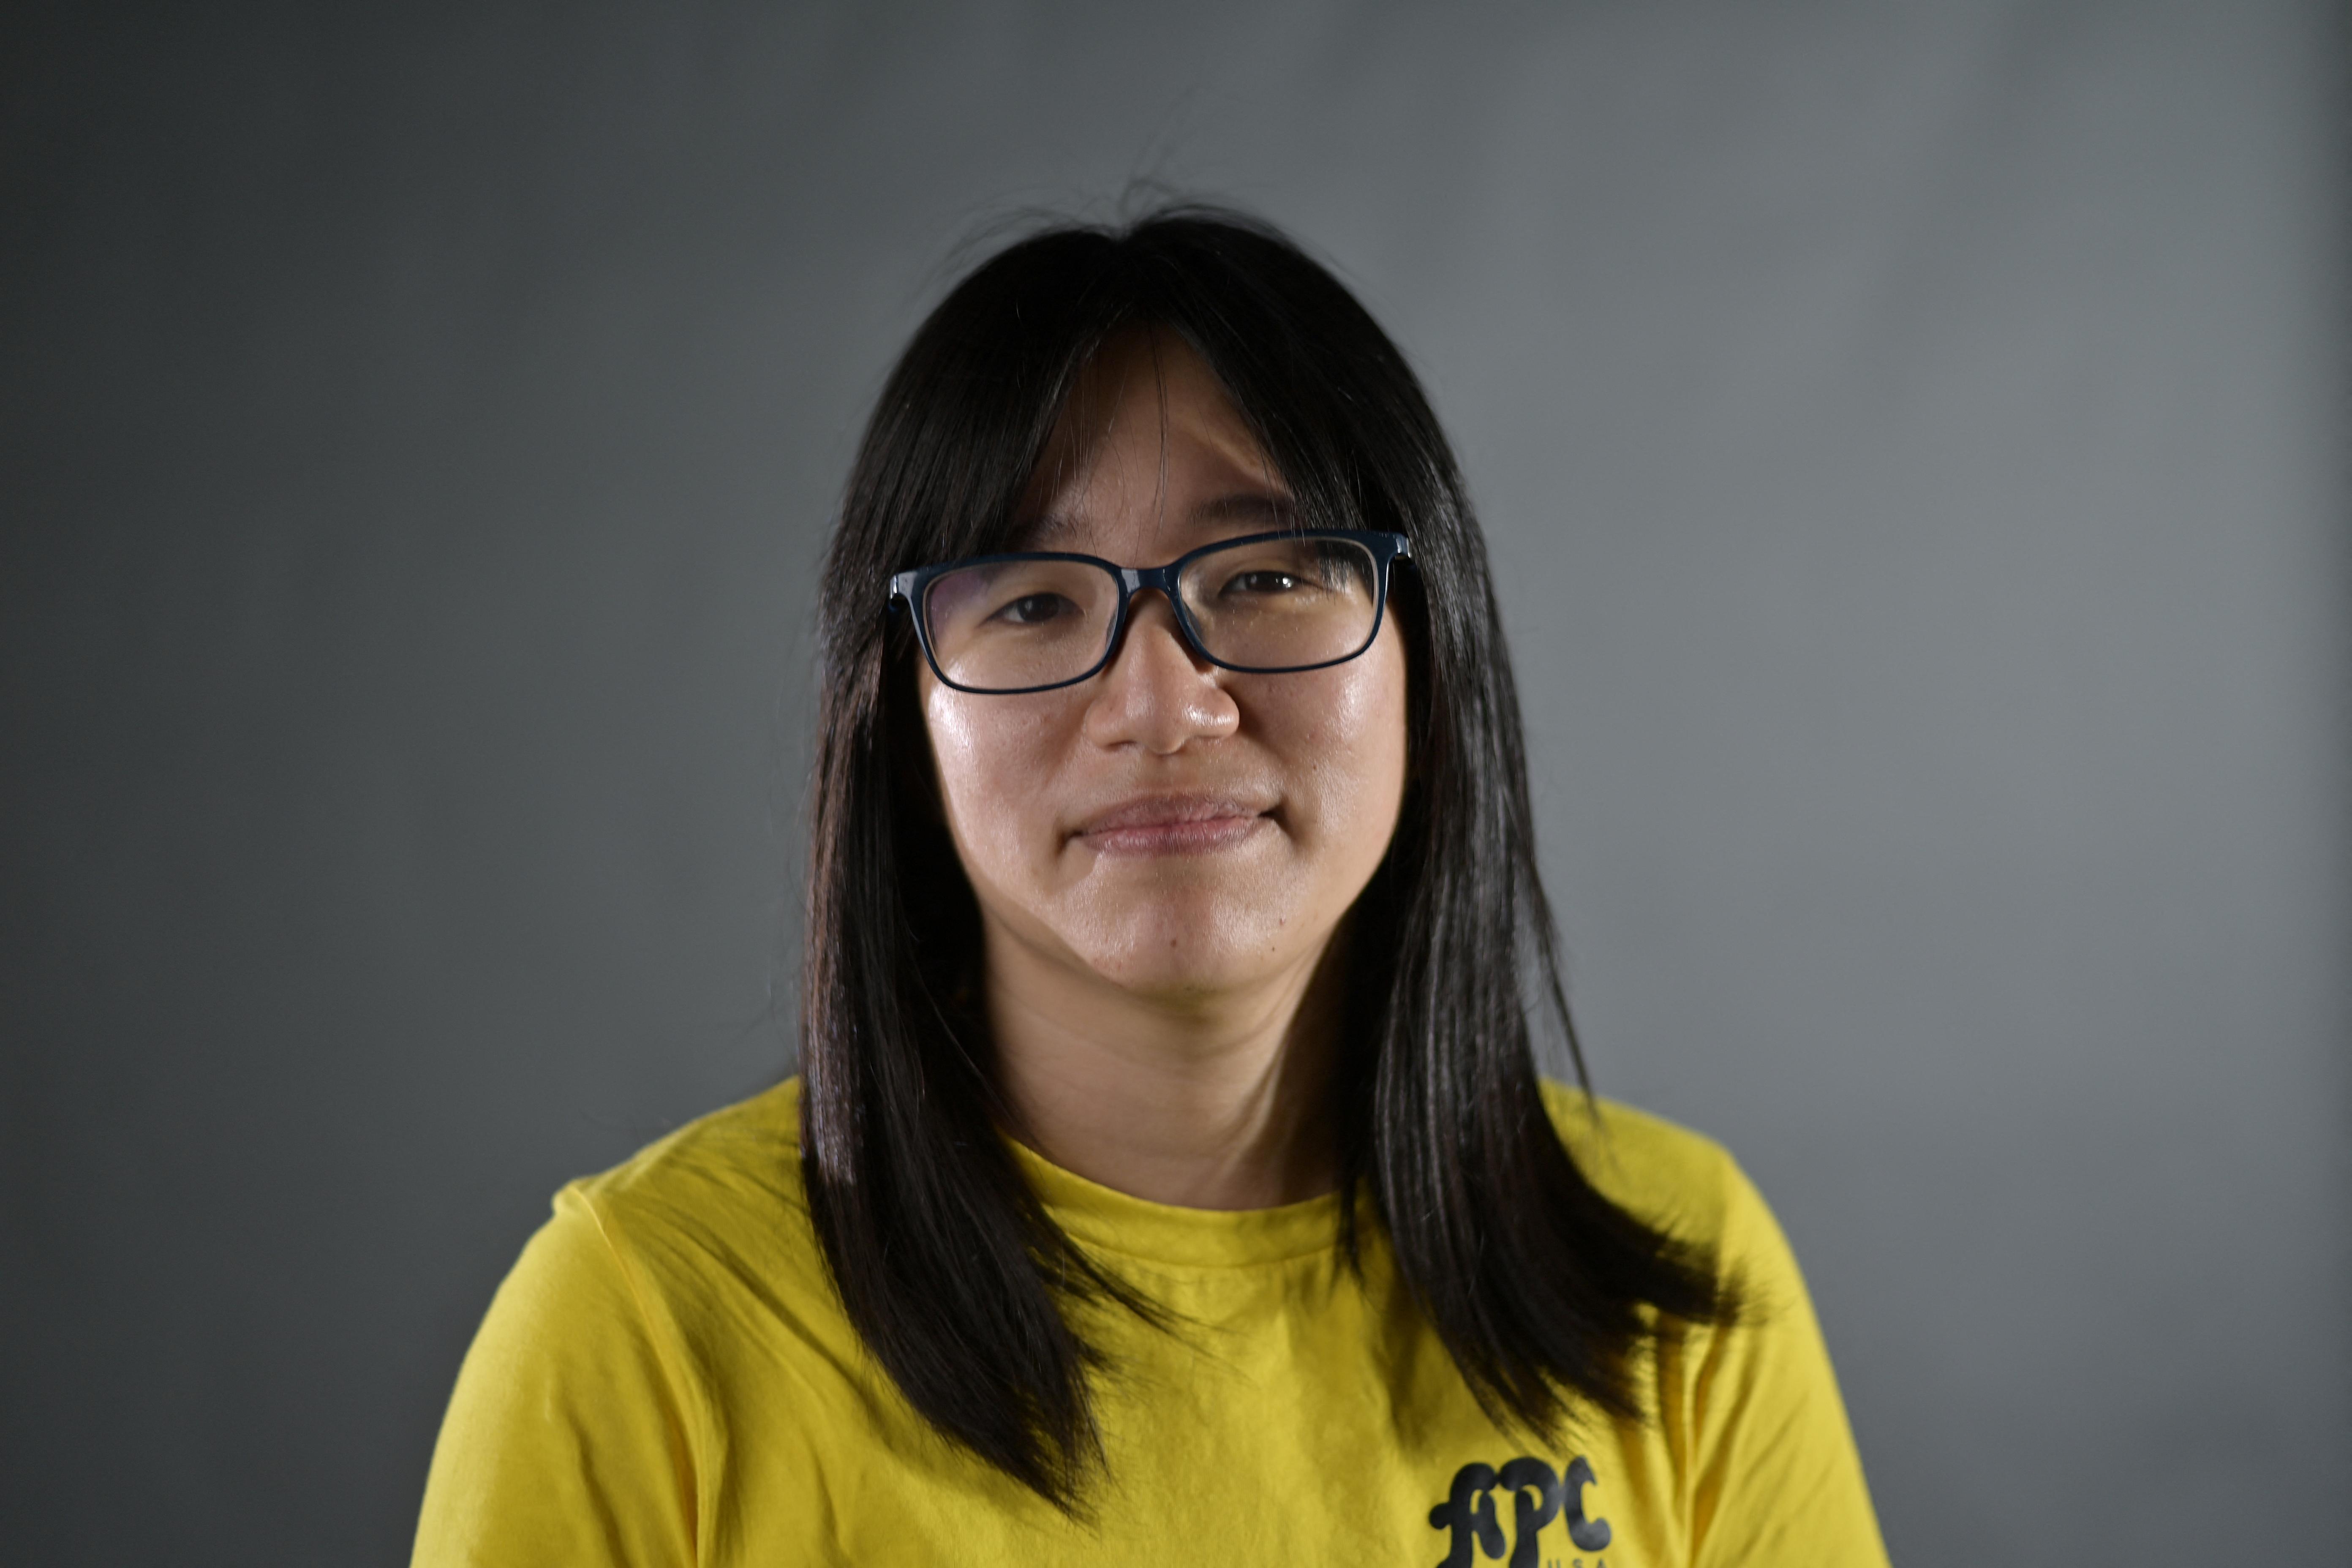 Őrizetbe vették a hongkongi Tienanmen-megemlékezések főszervezőjét